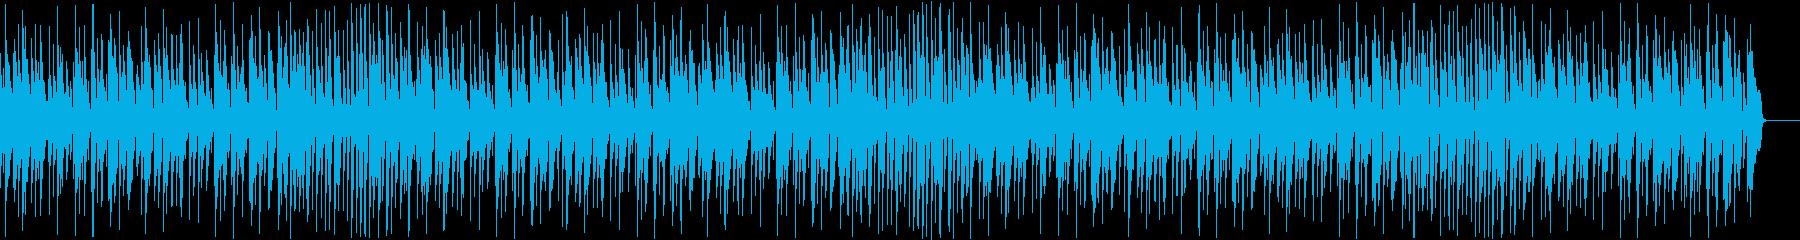 あのクリスマスの名曲をジャズで4の再生済みの波形